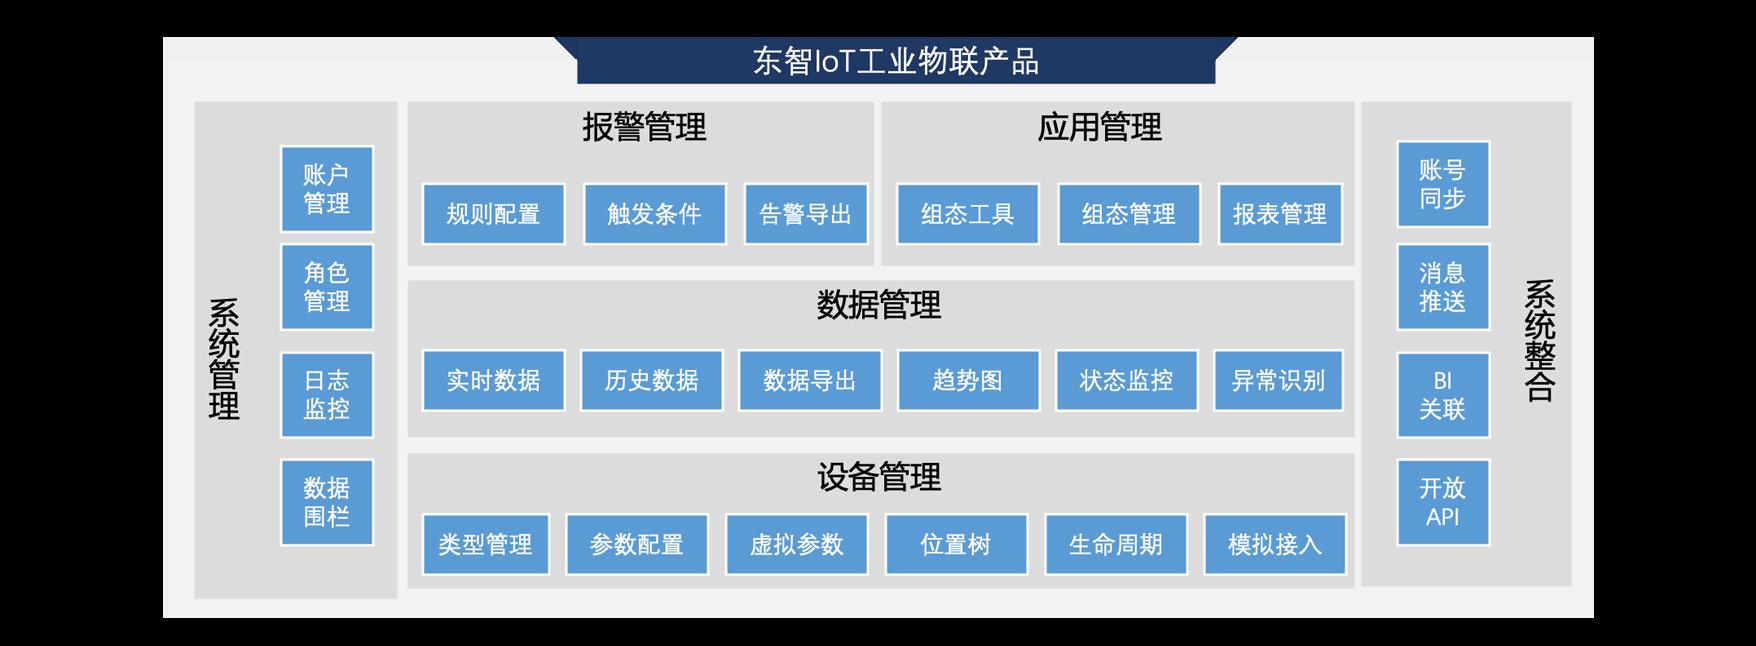 东智工业物联平台